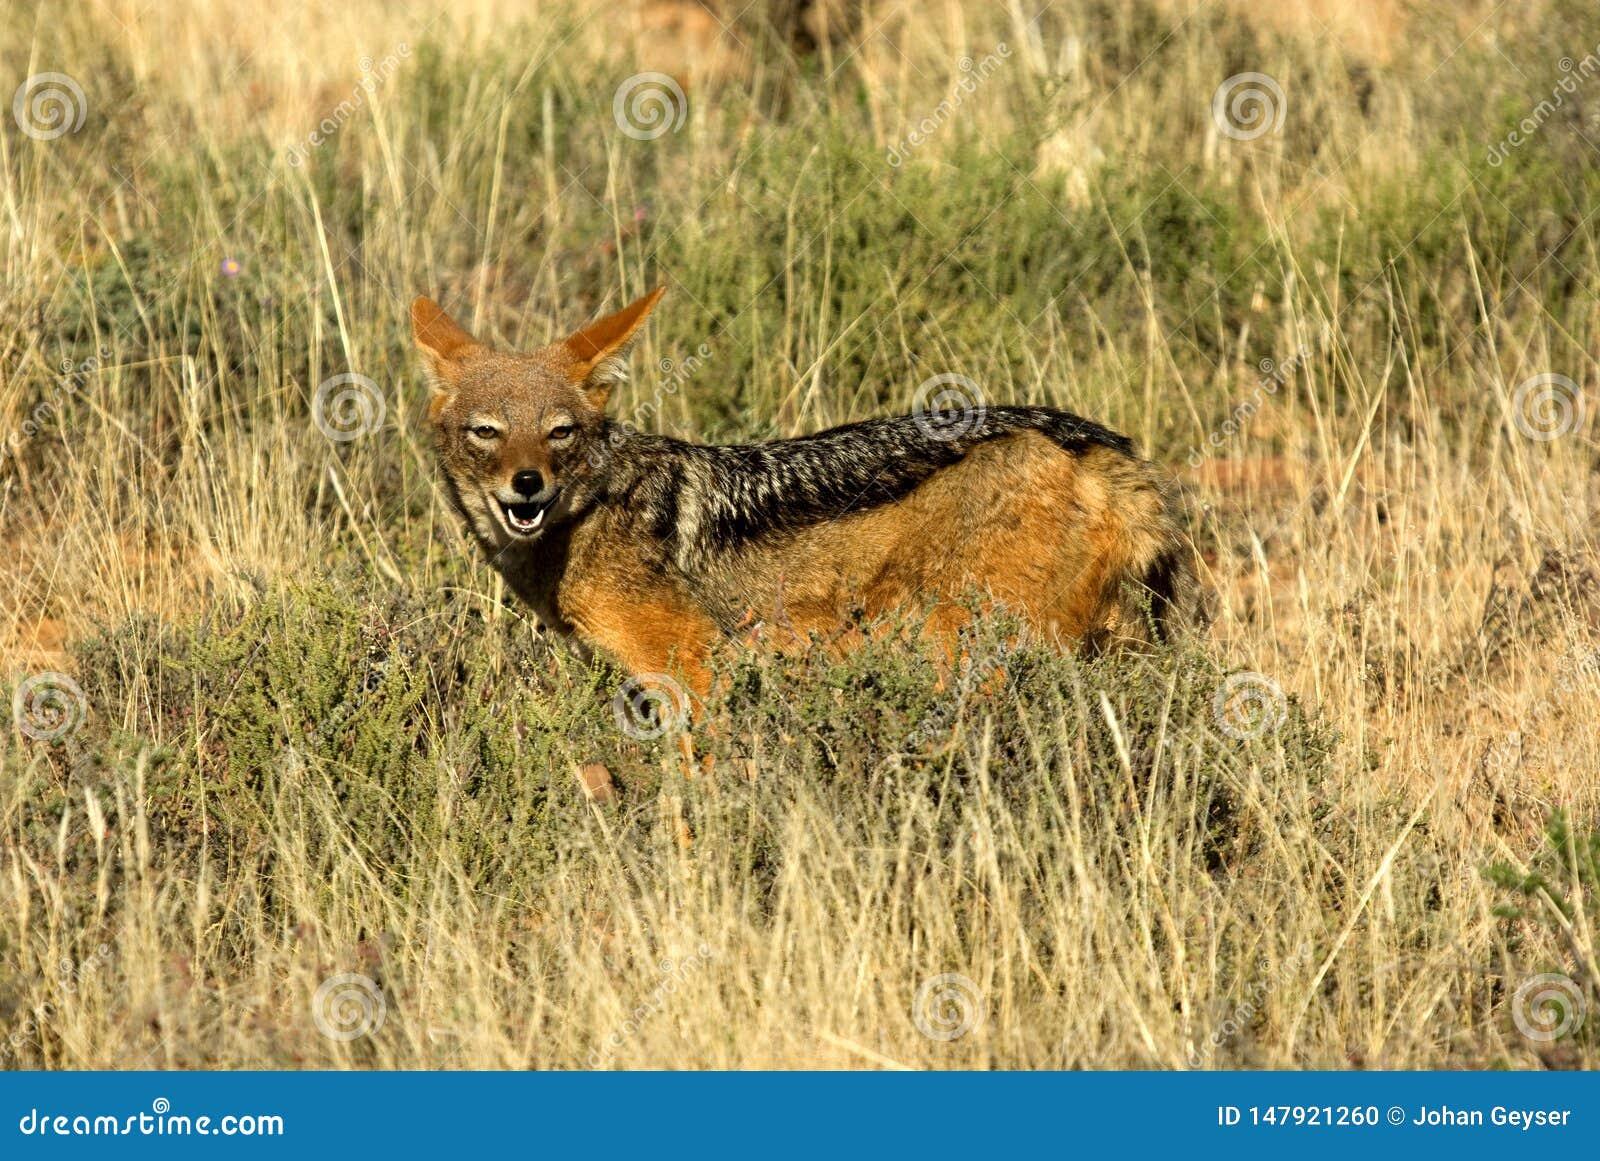 Retrato de um chacal com o dorso negro em um sul - reserva nacional africana do jogo